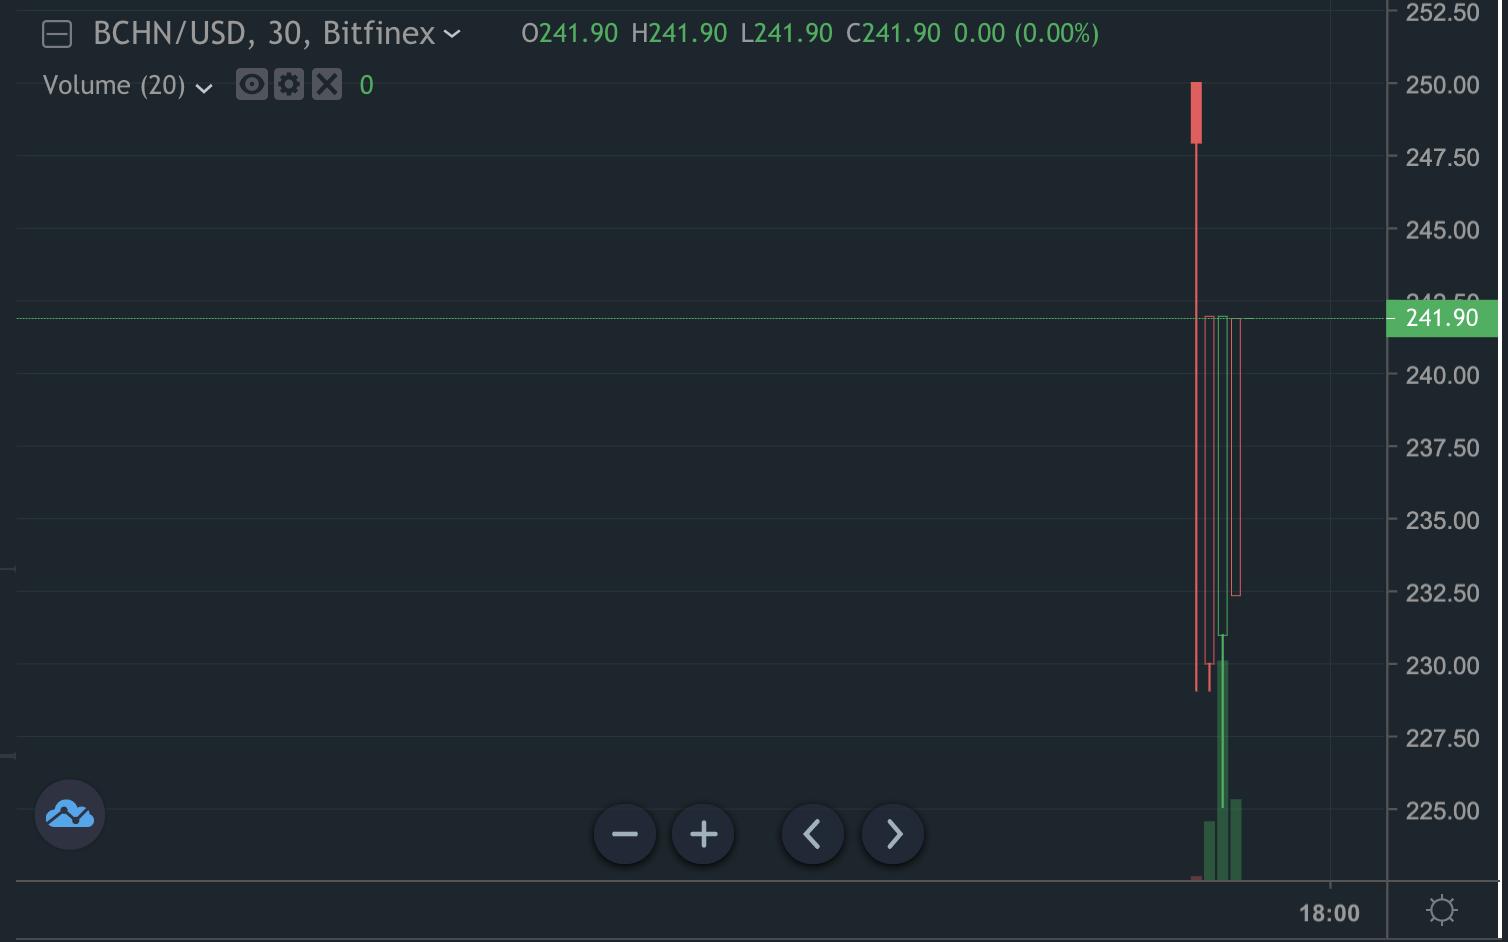 BCHN Price at chainsplit time, Nov 2020